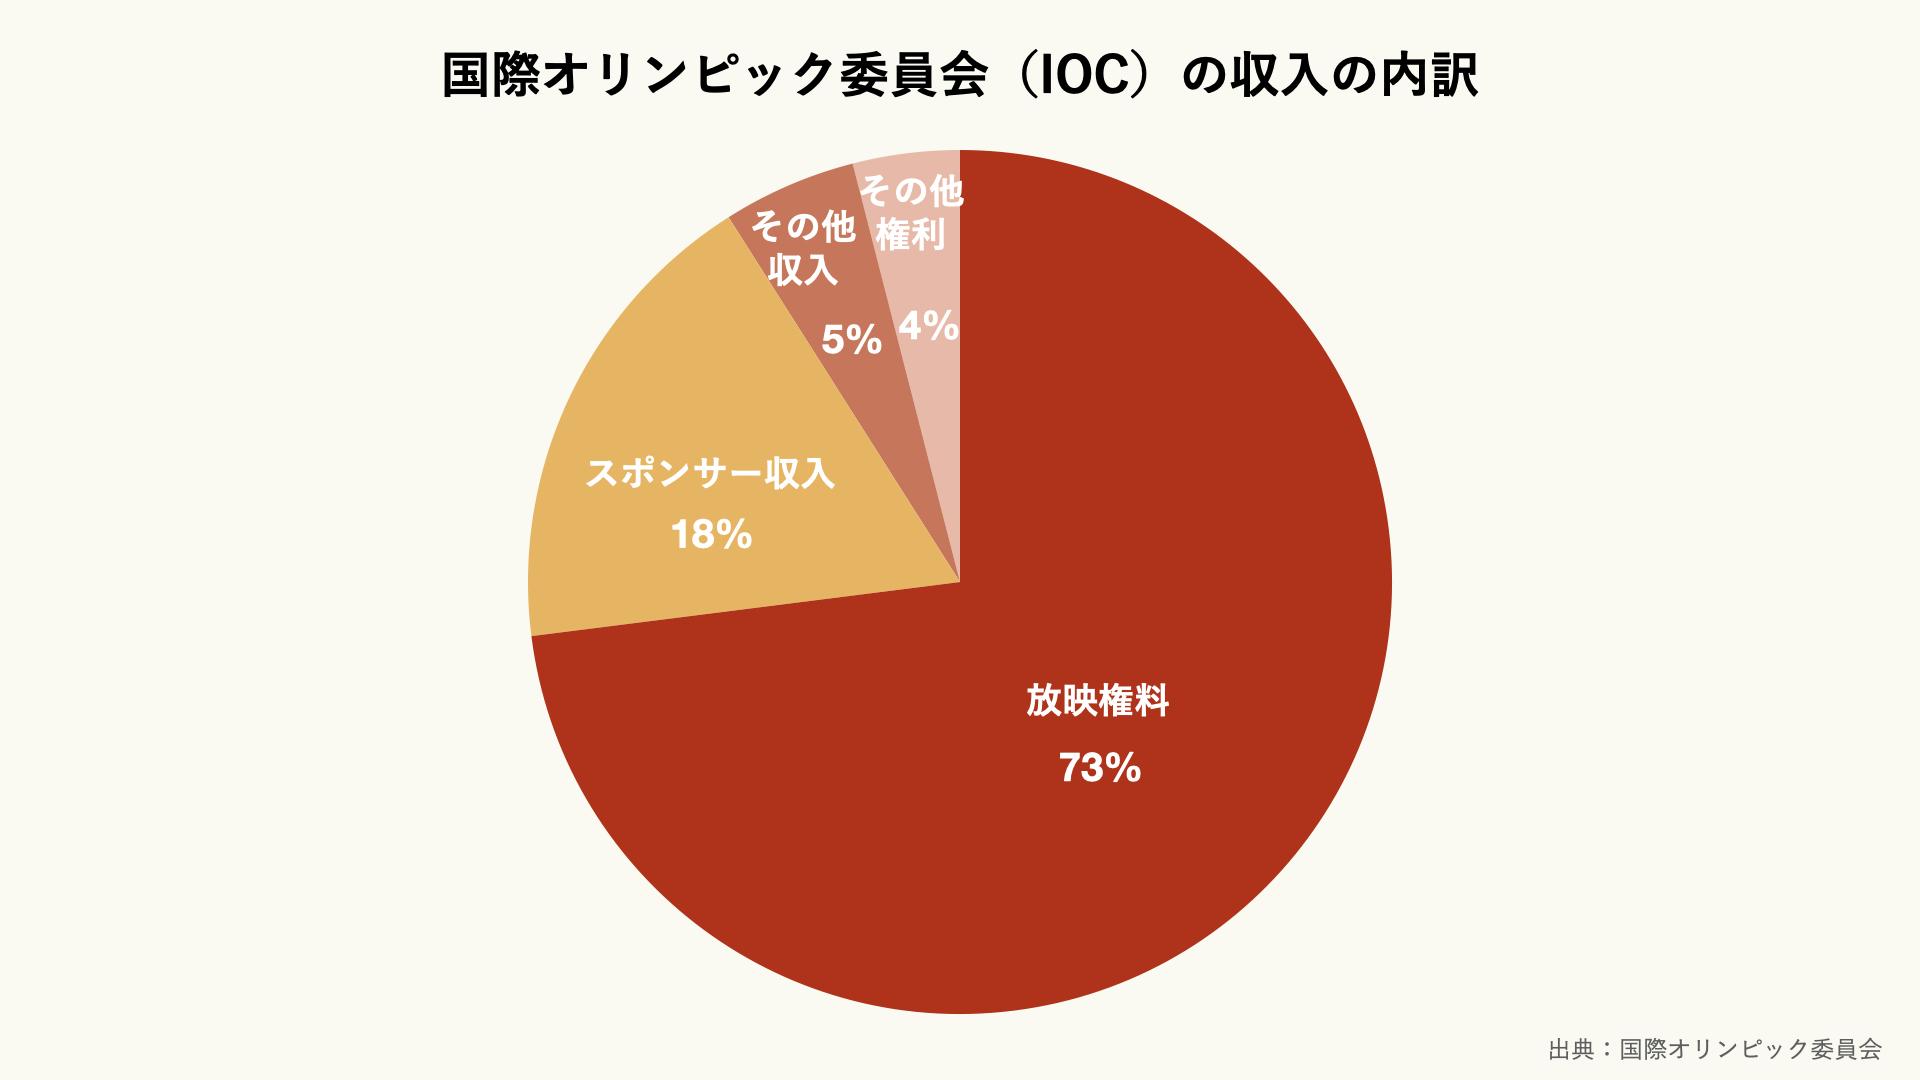 国際オリンピック委員会(IOC)の収入の内訳のグラフ